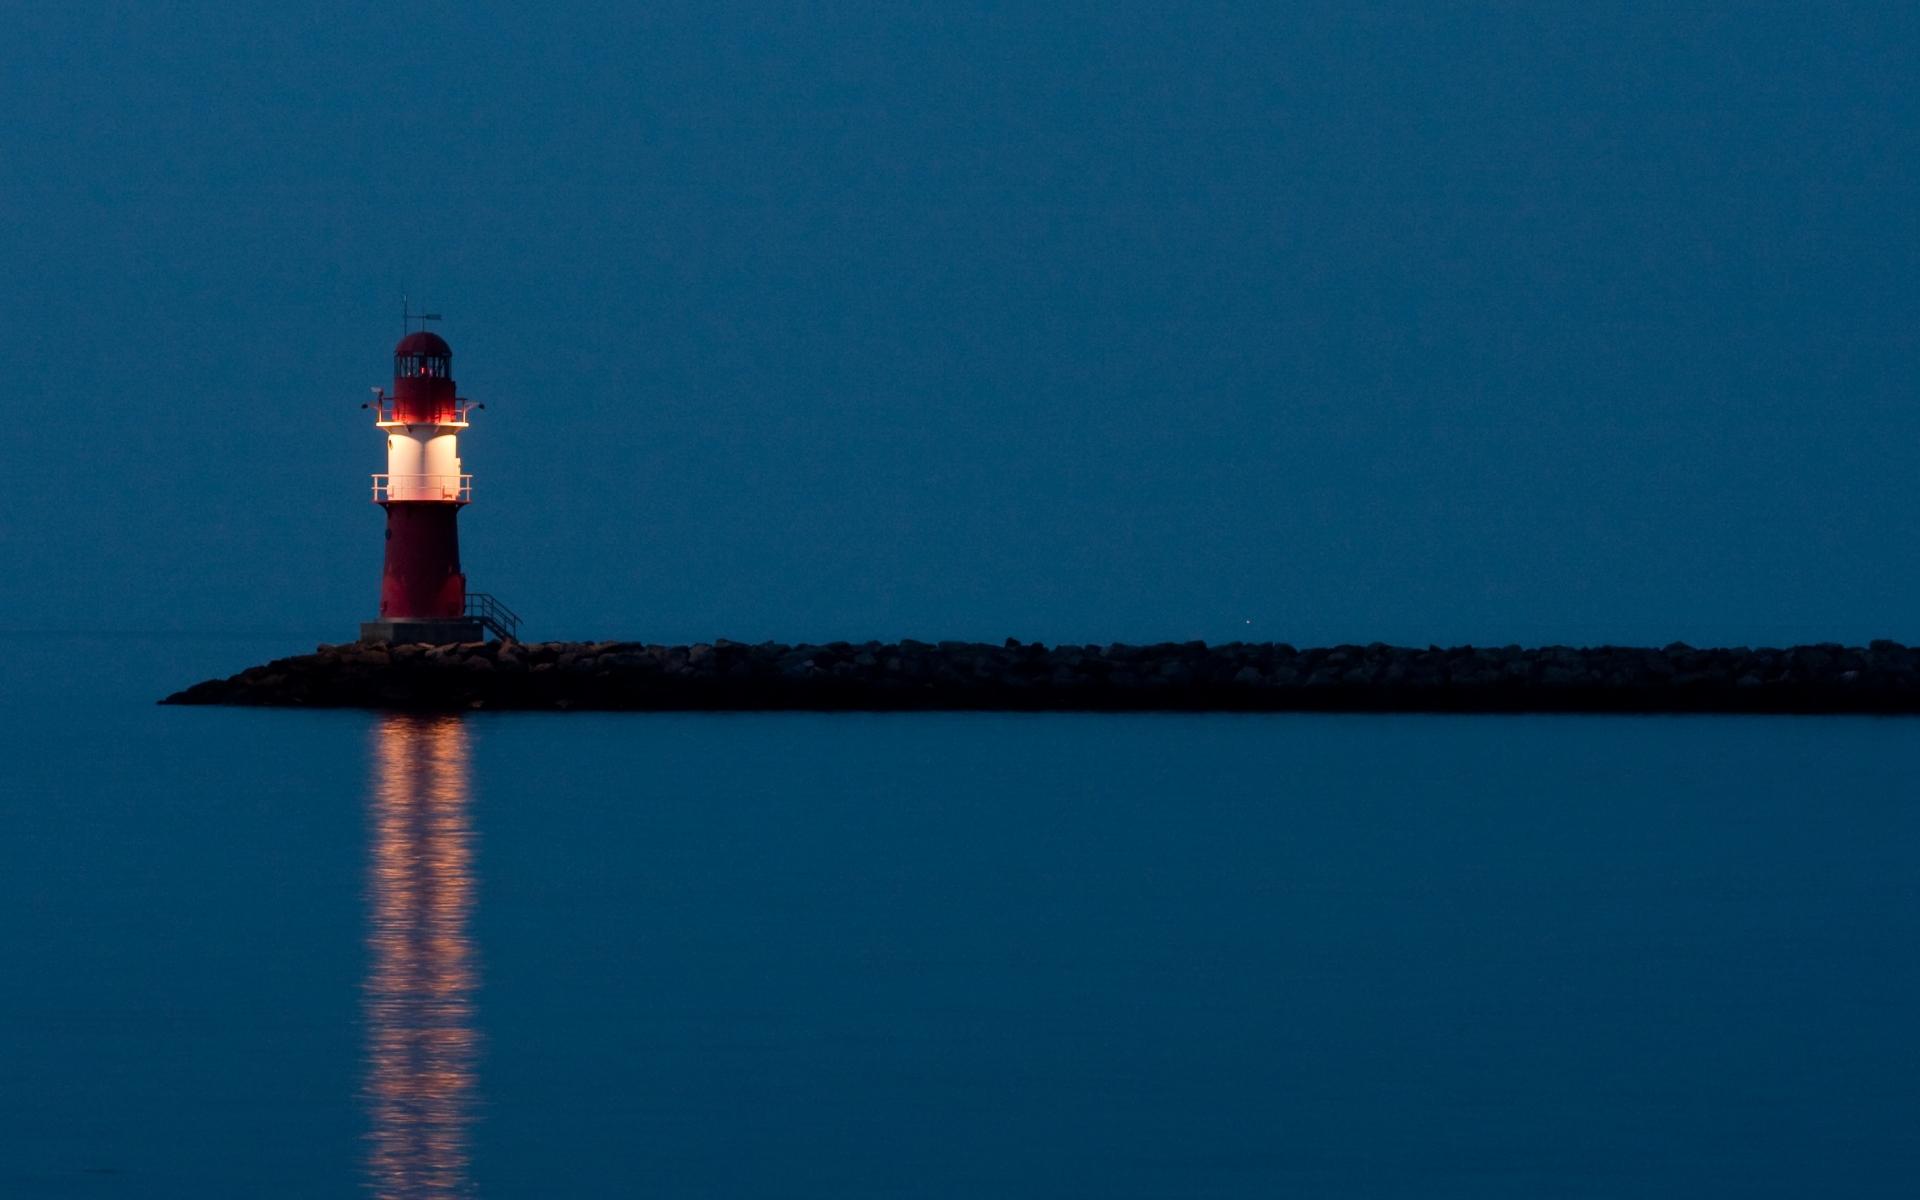 Картинки Маяк, ночь, свет, красный, одинокий фото и обои на рабочий стол